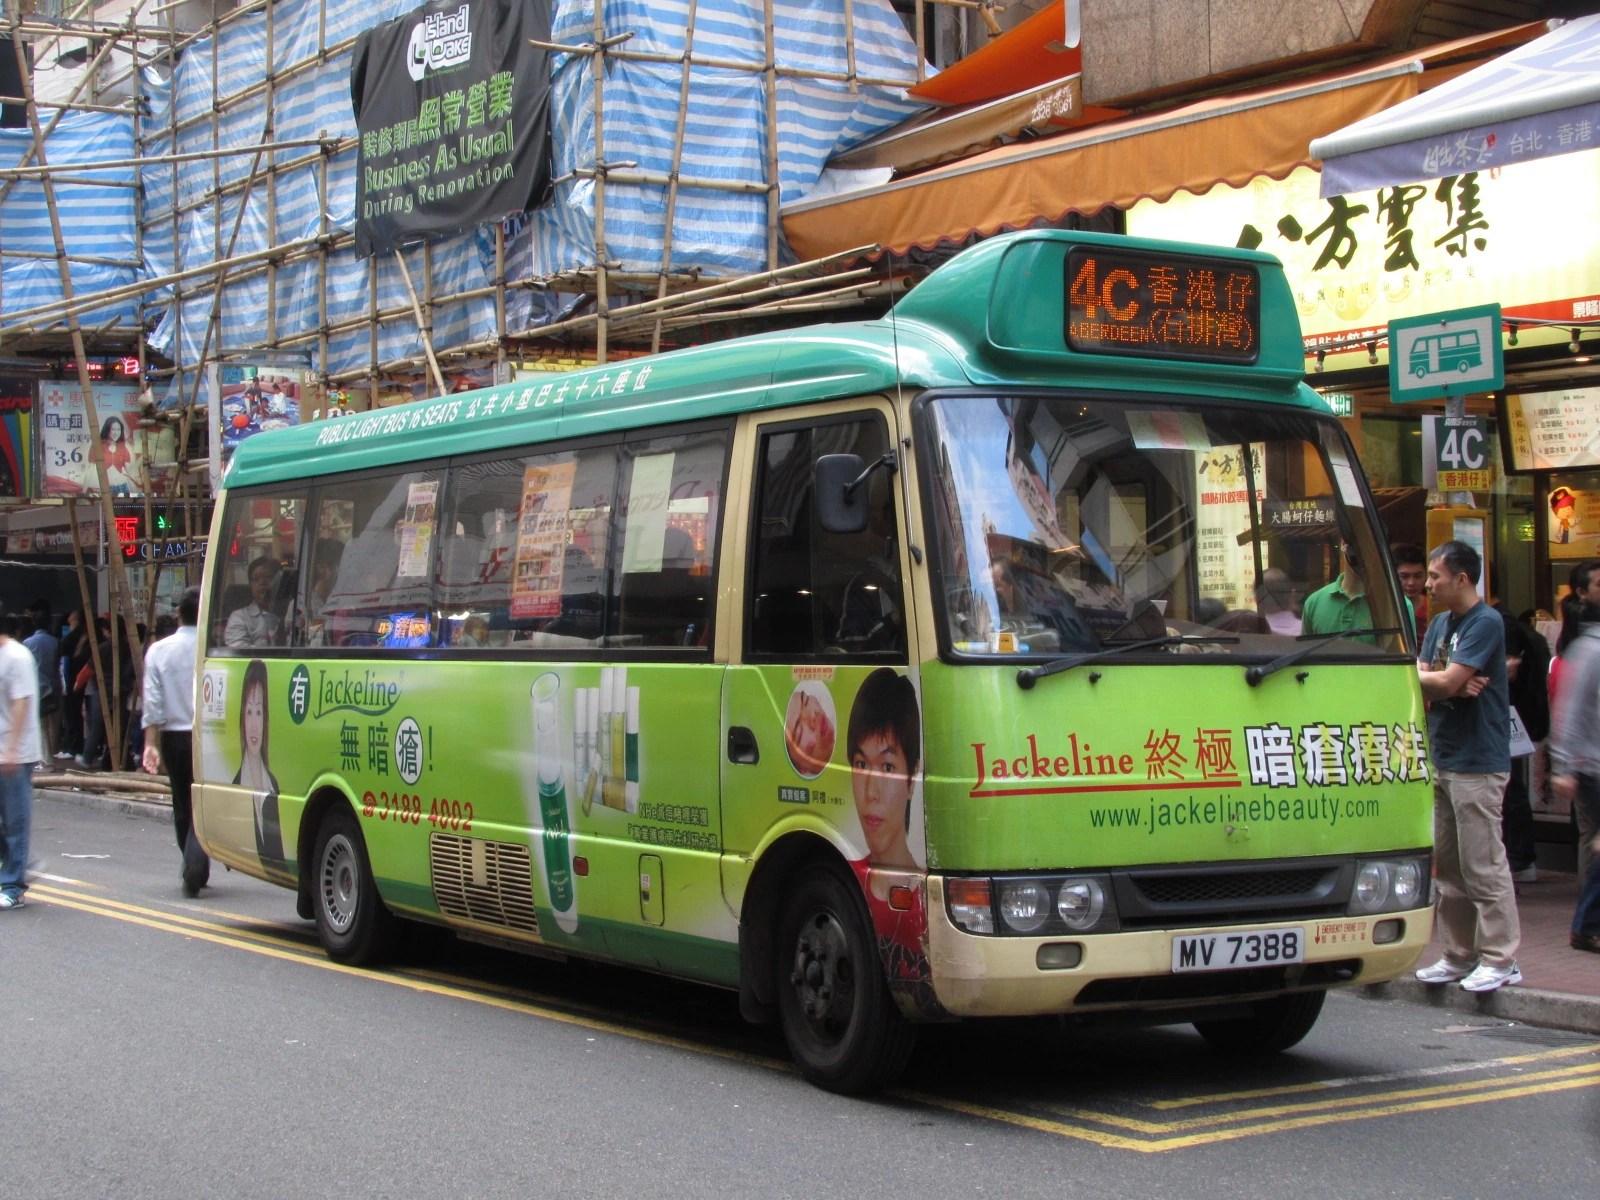 銅鑼灣 (景隆街) 總站 - 香港巴士大典